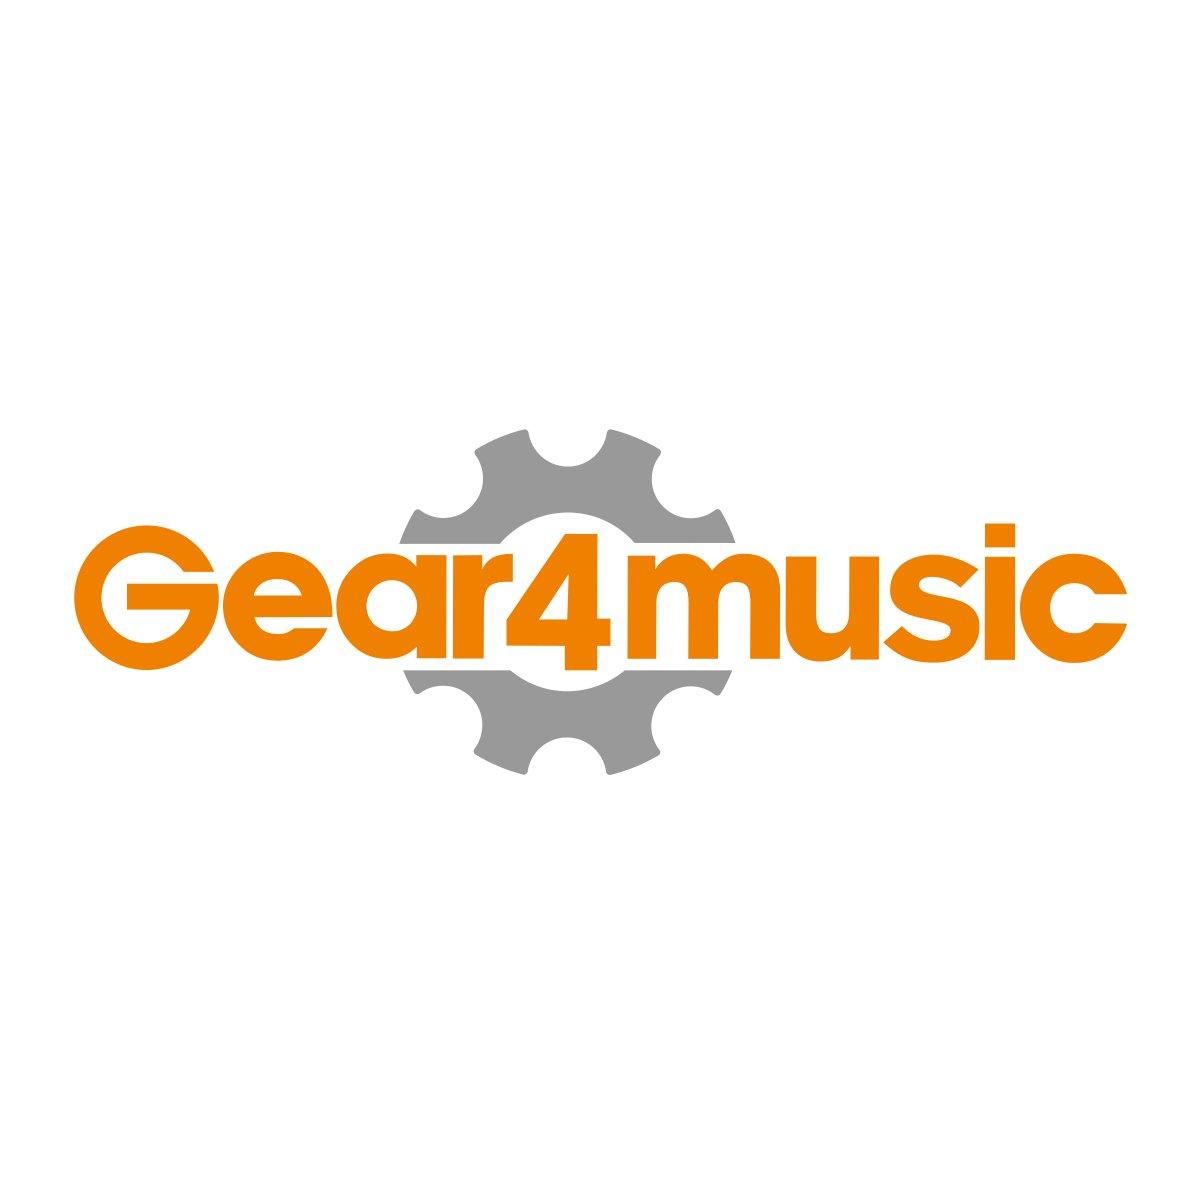 LA II gitara elektryczna SSS marki Gear4music, czarny